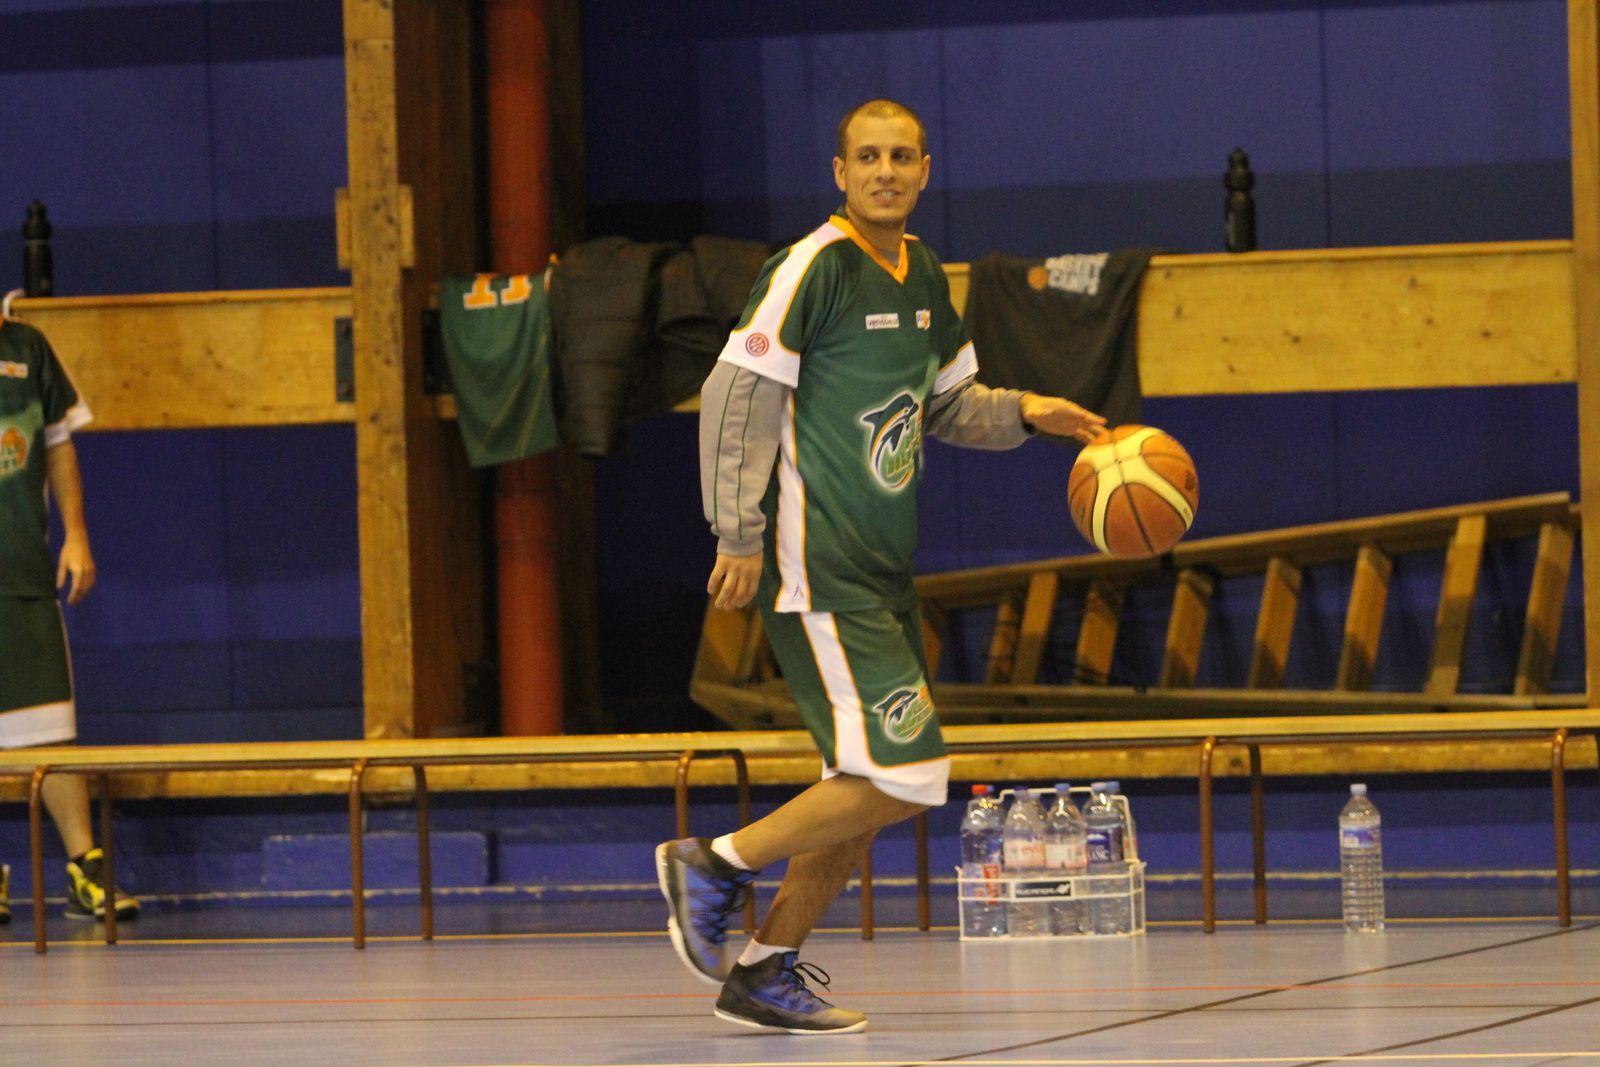 On reverra les basketteurs de Parilly en janvier en 64e de finale du Trophée Coupe de France